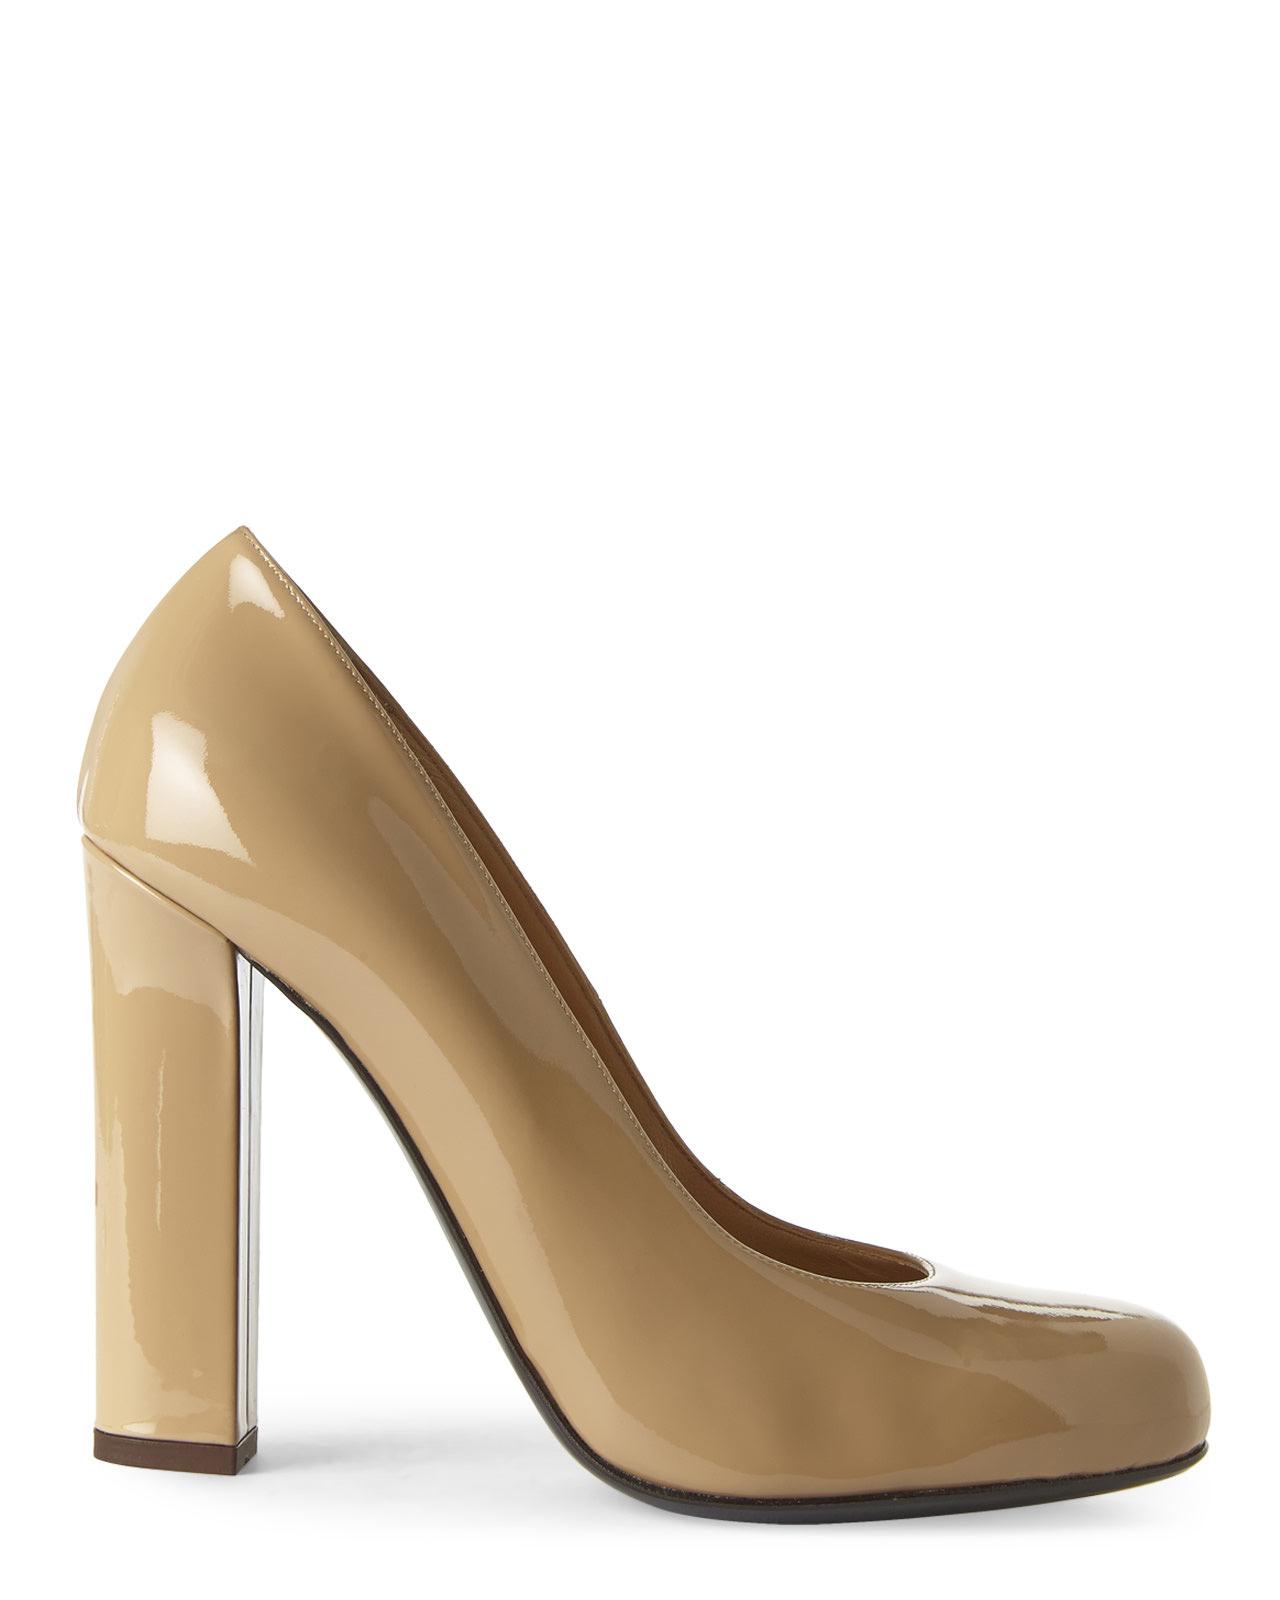 Rodo Nude Block Heel Pumps in Natural | Lyst